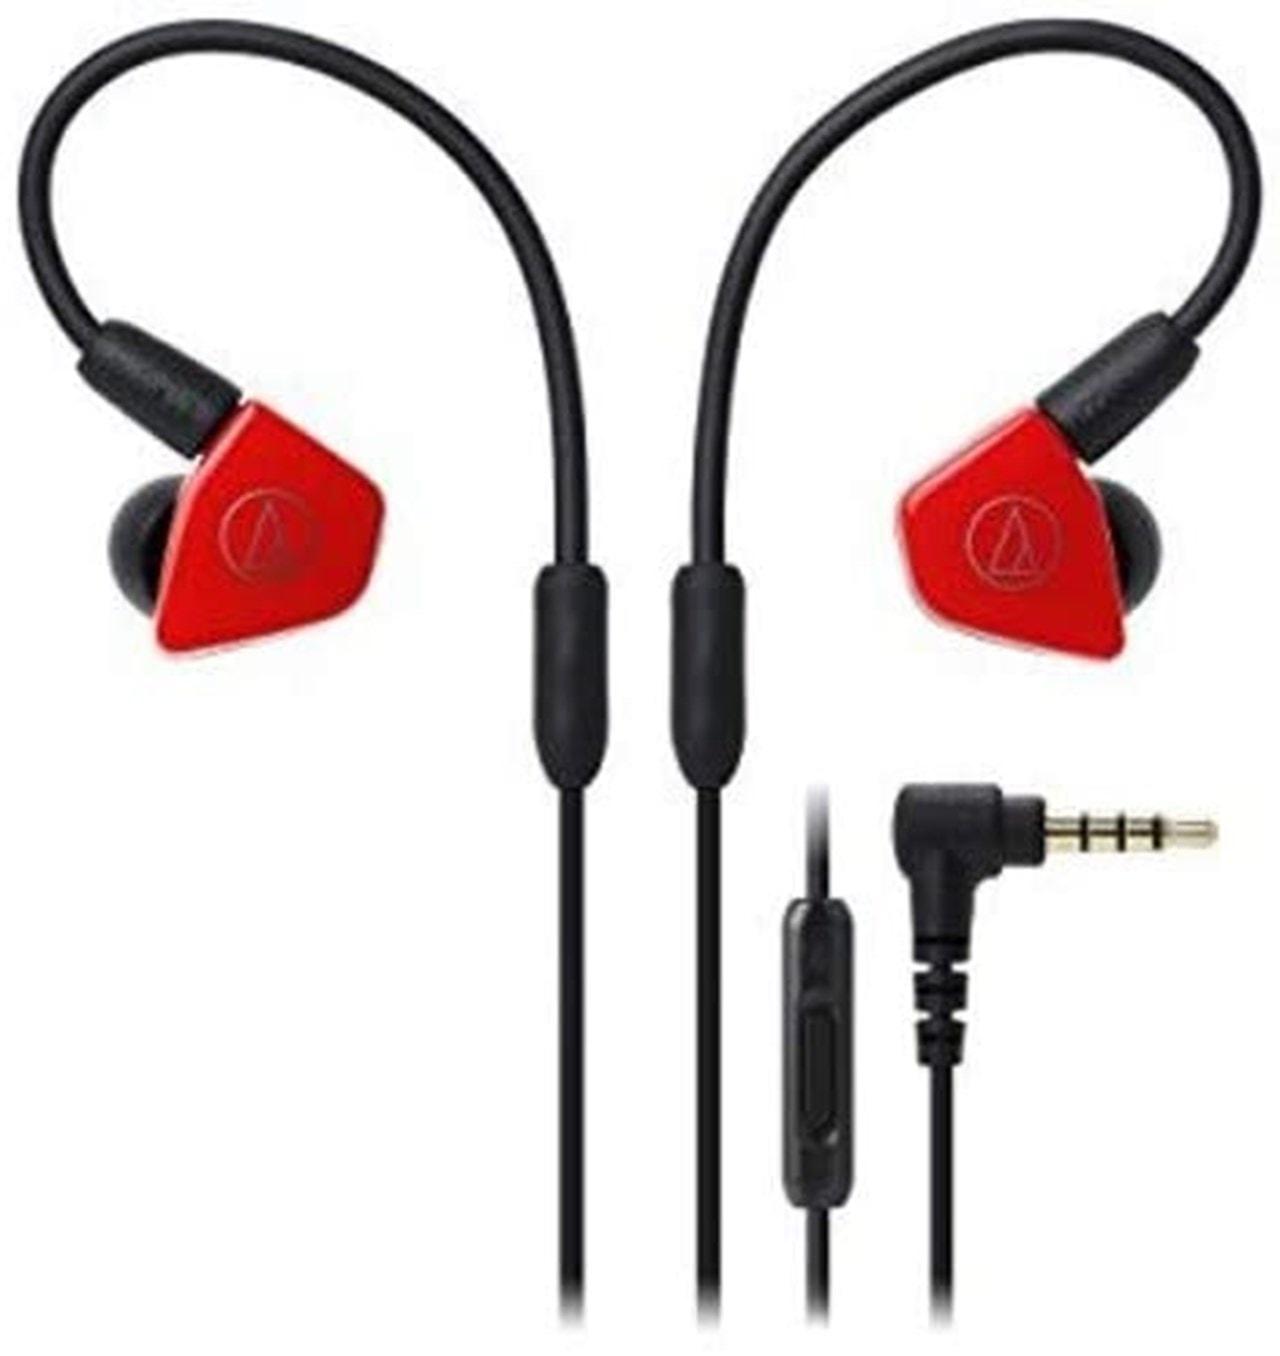 Audio Technica ATH-LS50iS Red Earphones - 1